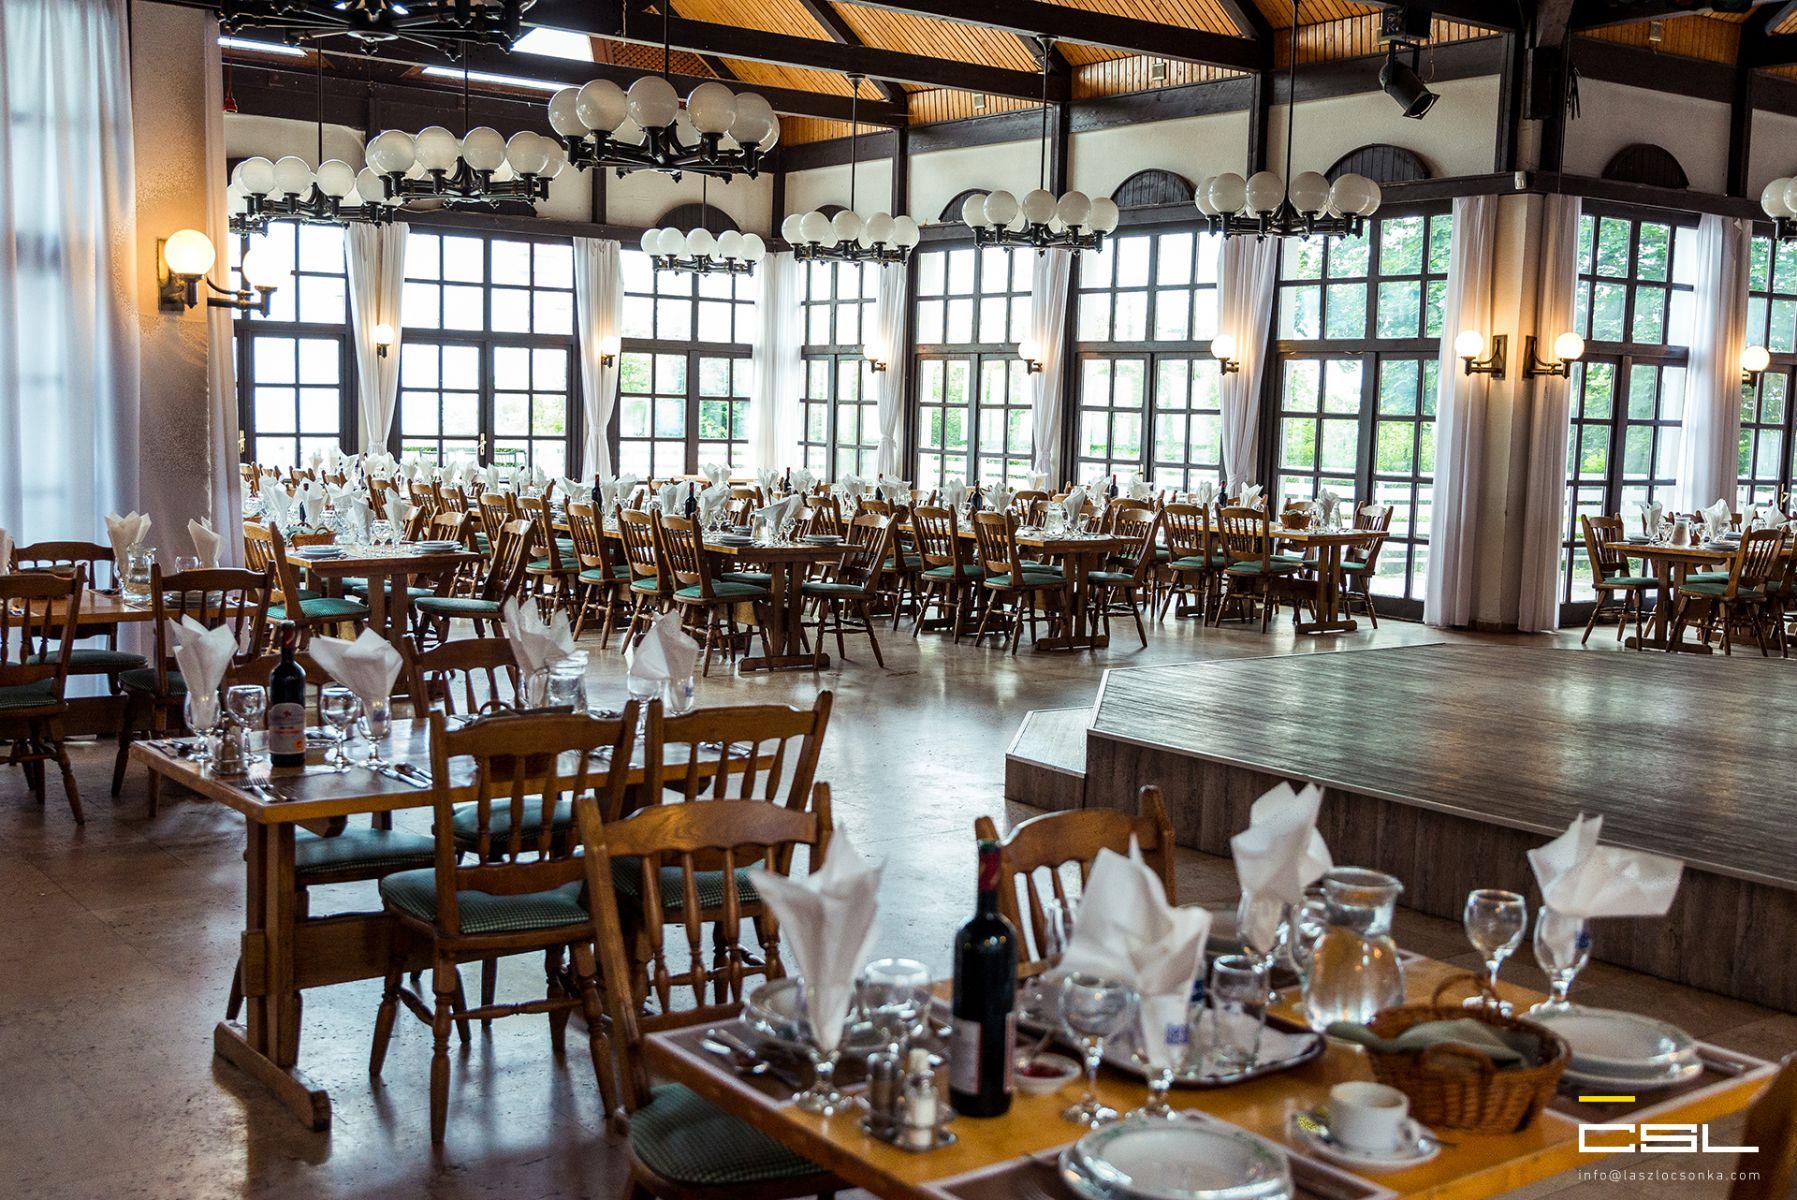 Udvarház Restaurant